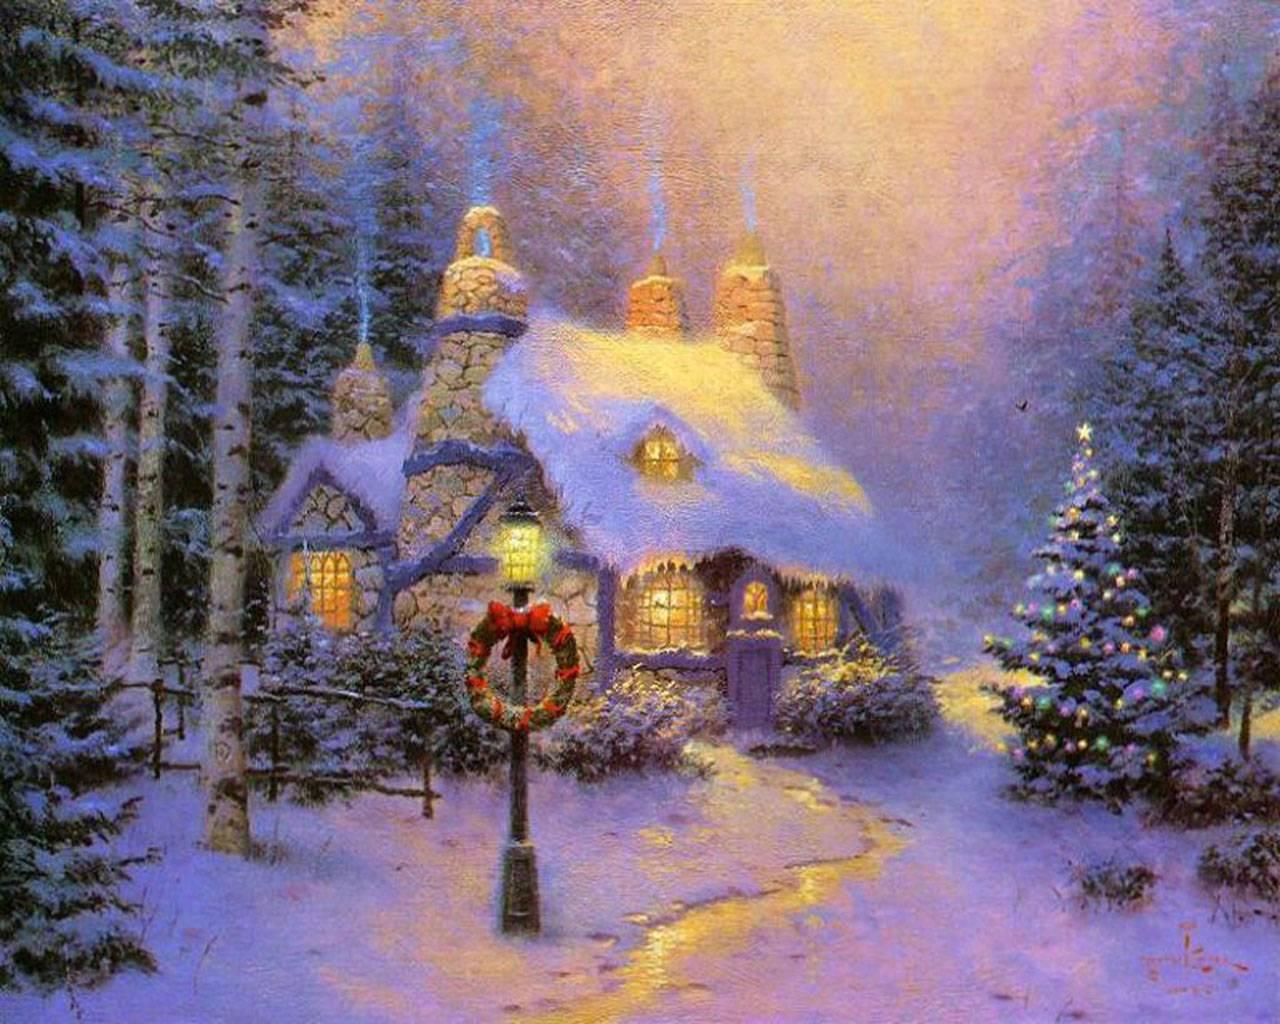 Decoración navideña original